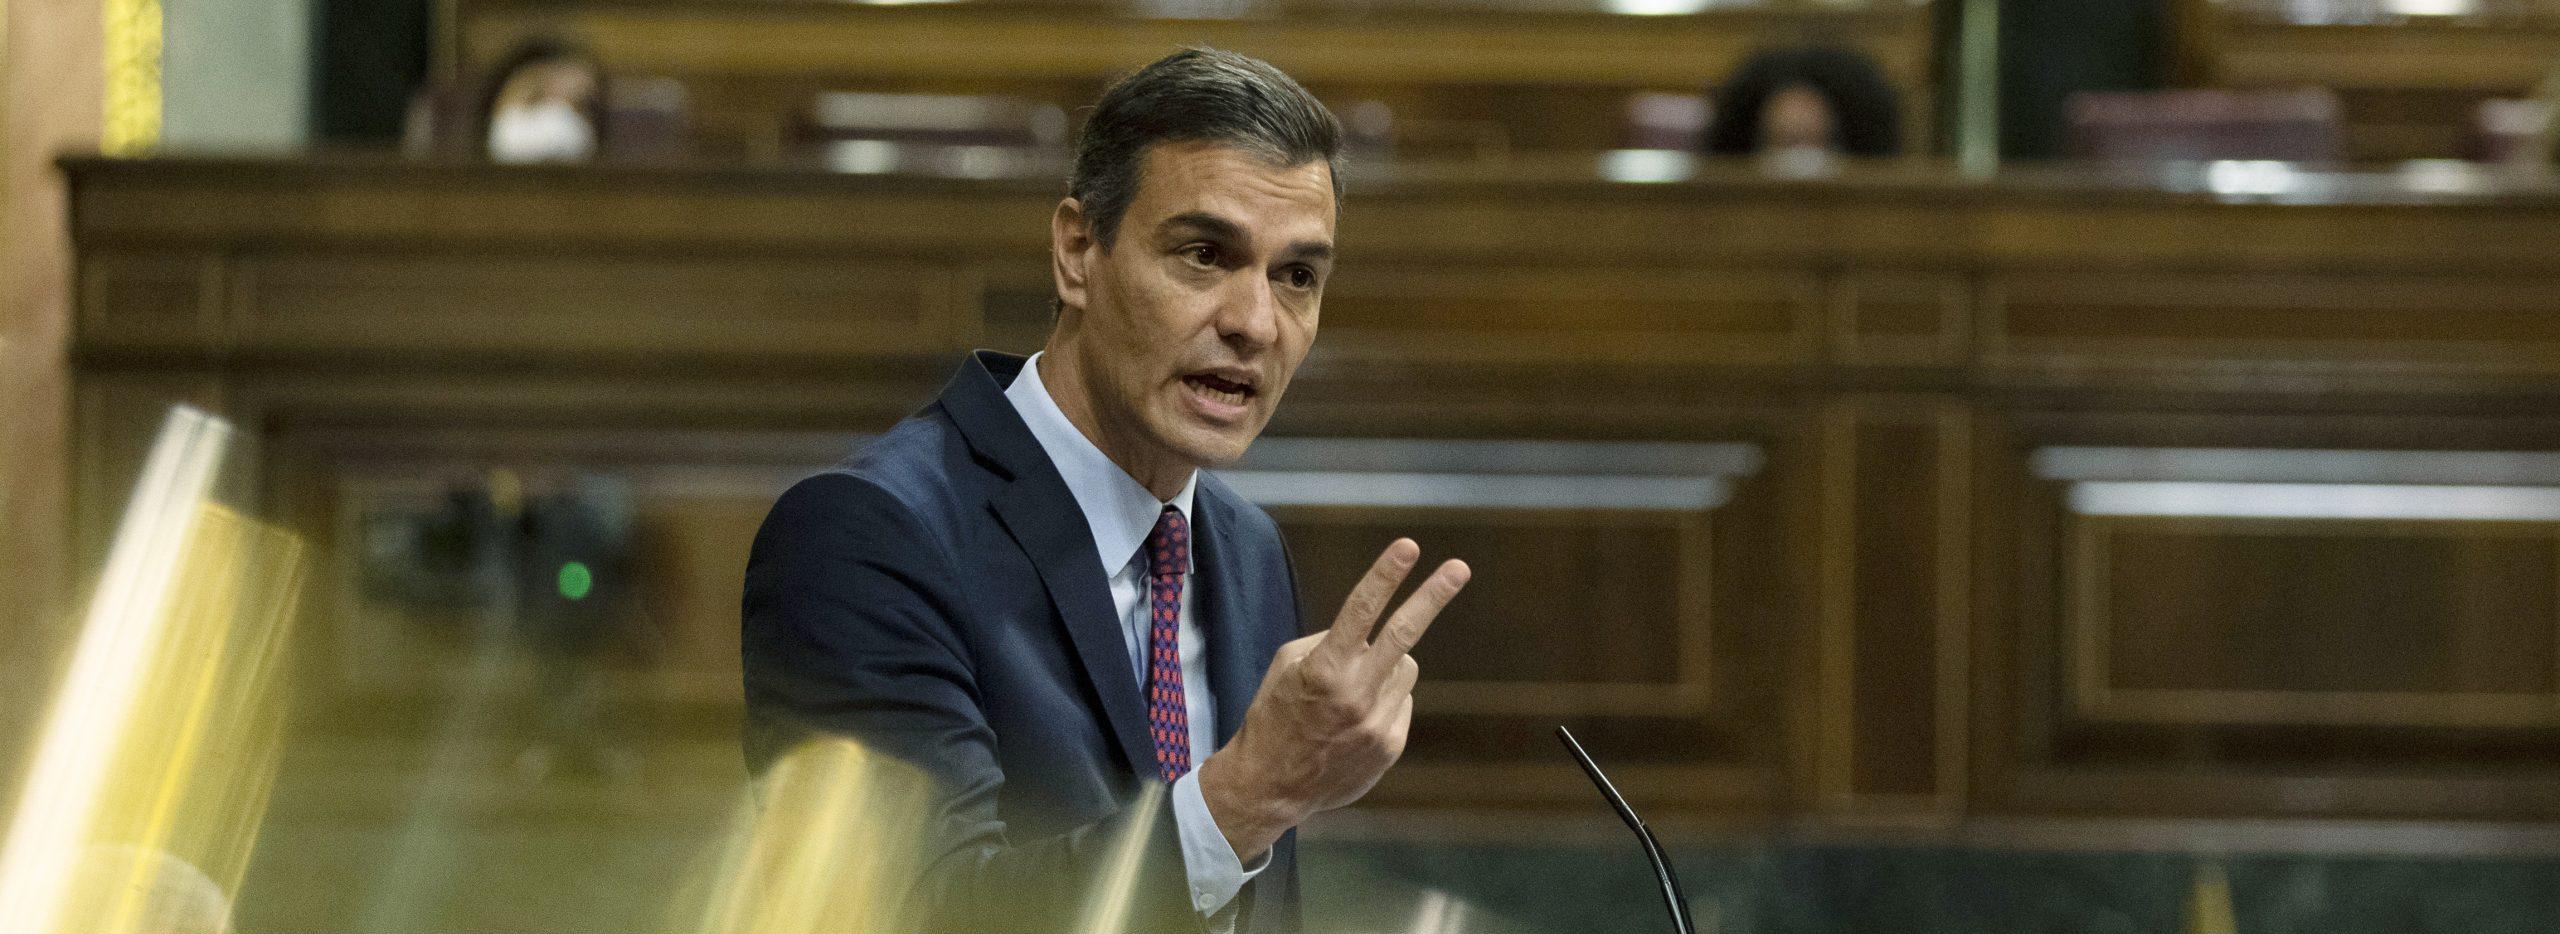 Patrimoniale e record di investimenti: ecco la manovra della sinistra spagnola